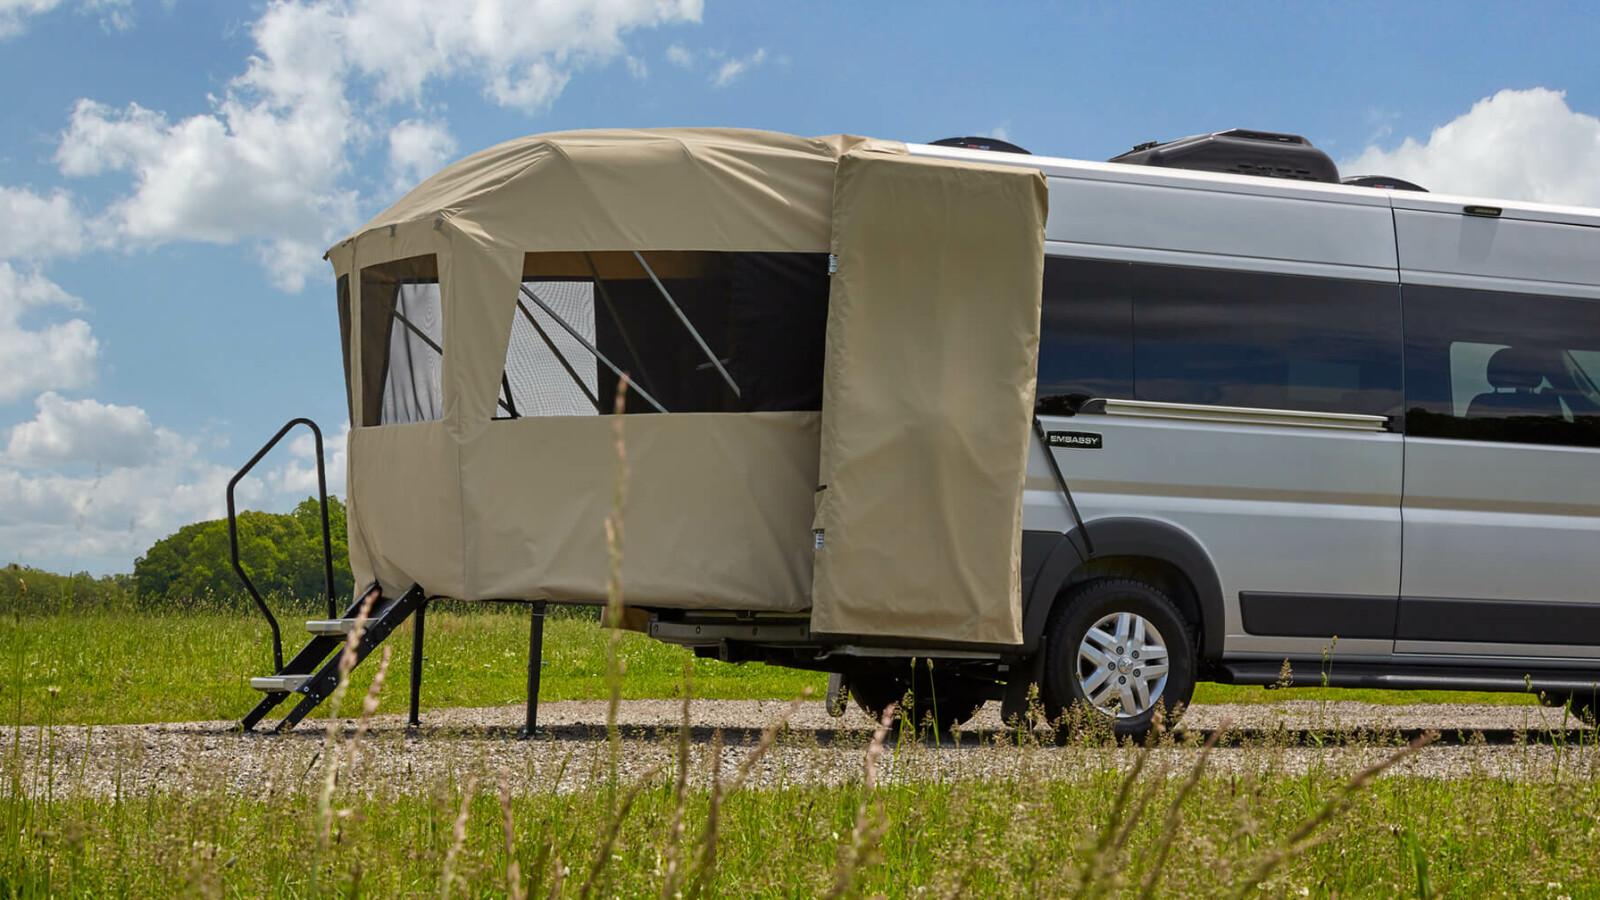 Wohnmobil mit Veranda: Dieser Campervan kombiniert Lounge mit Zelt